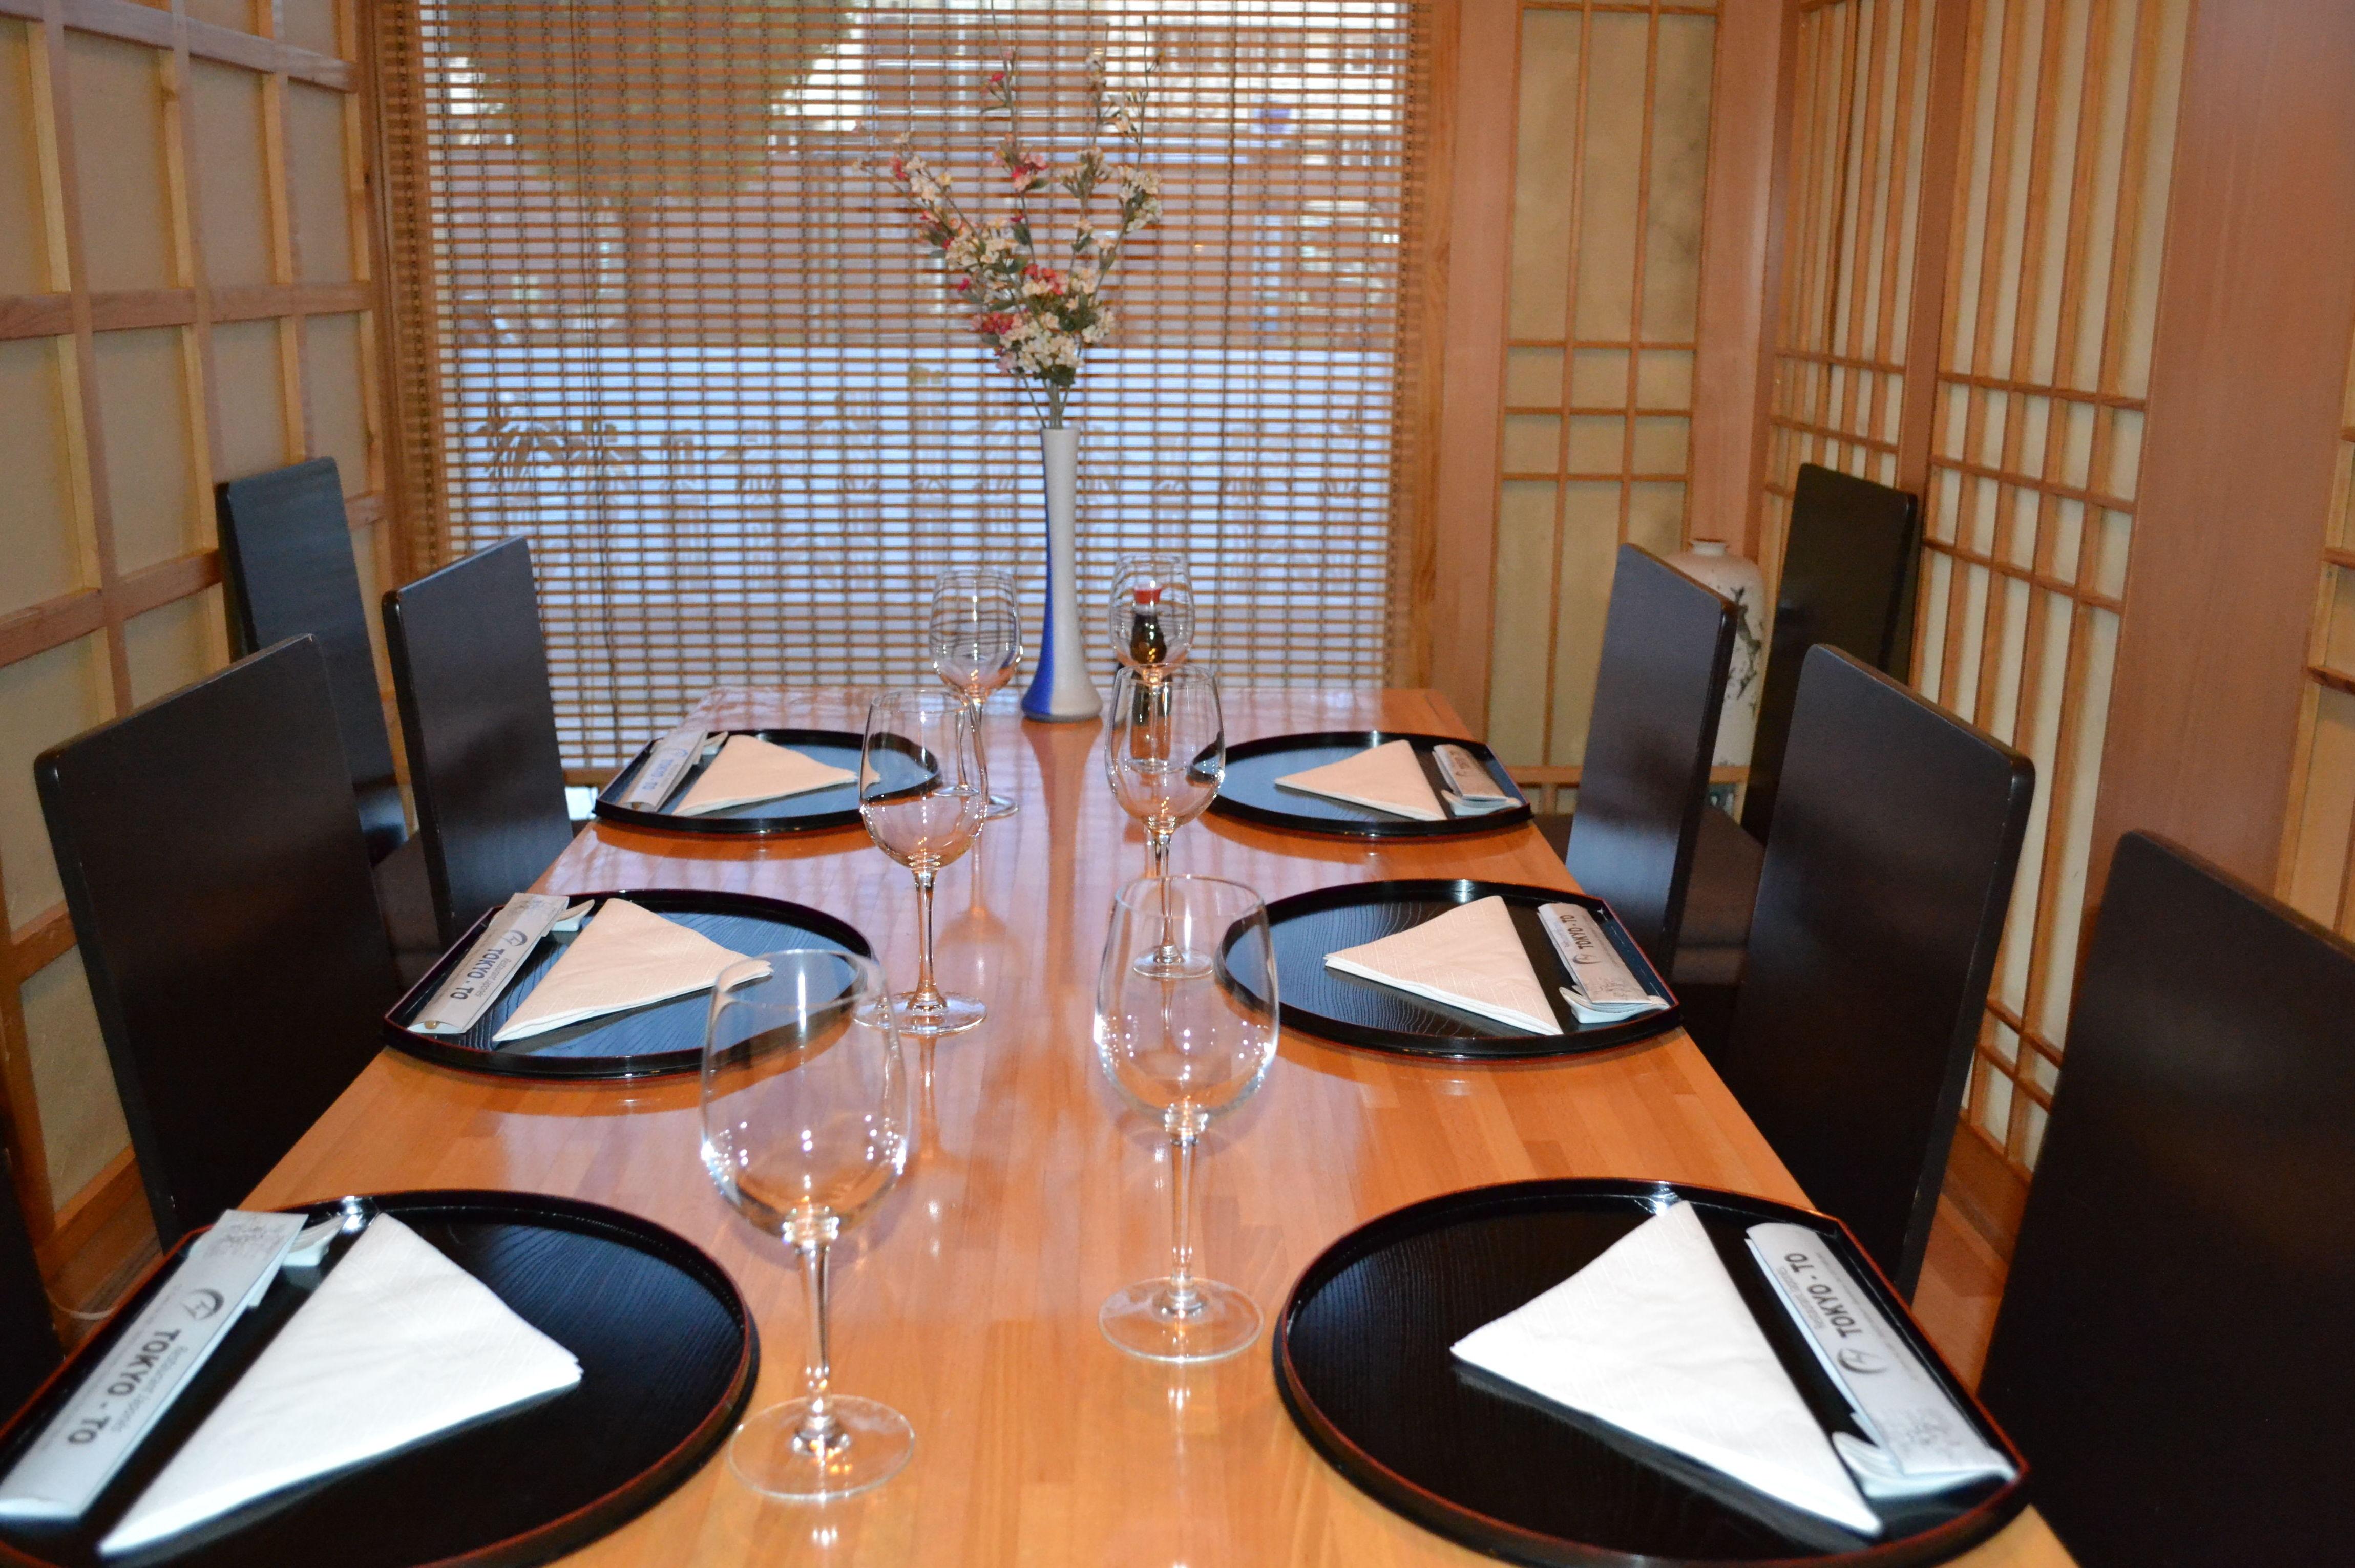 Cocina tradicional japonesa